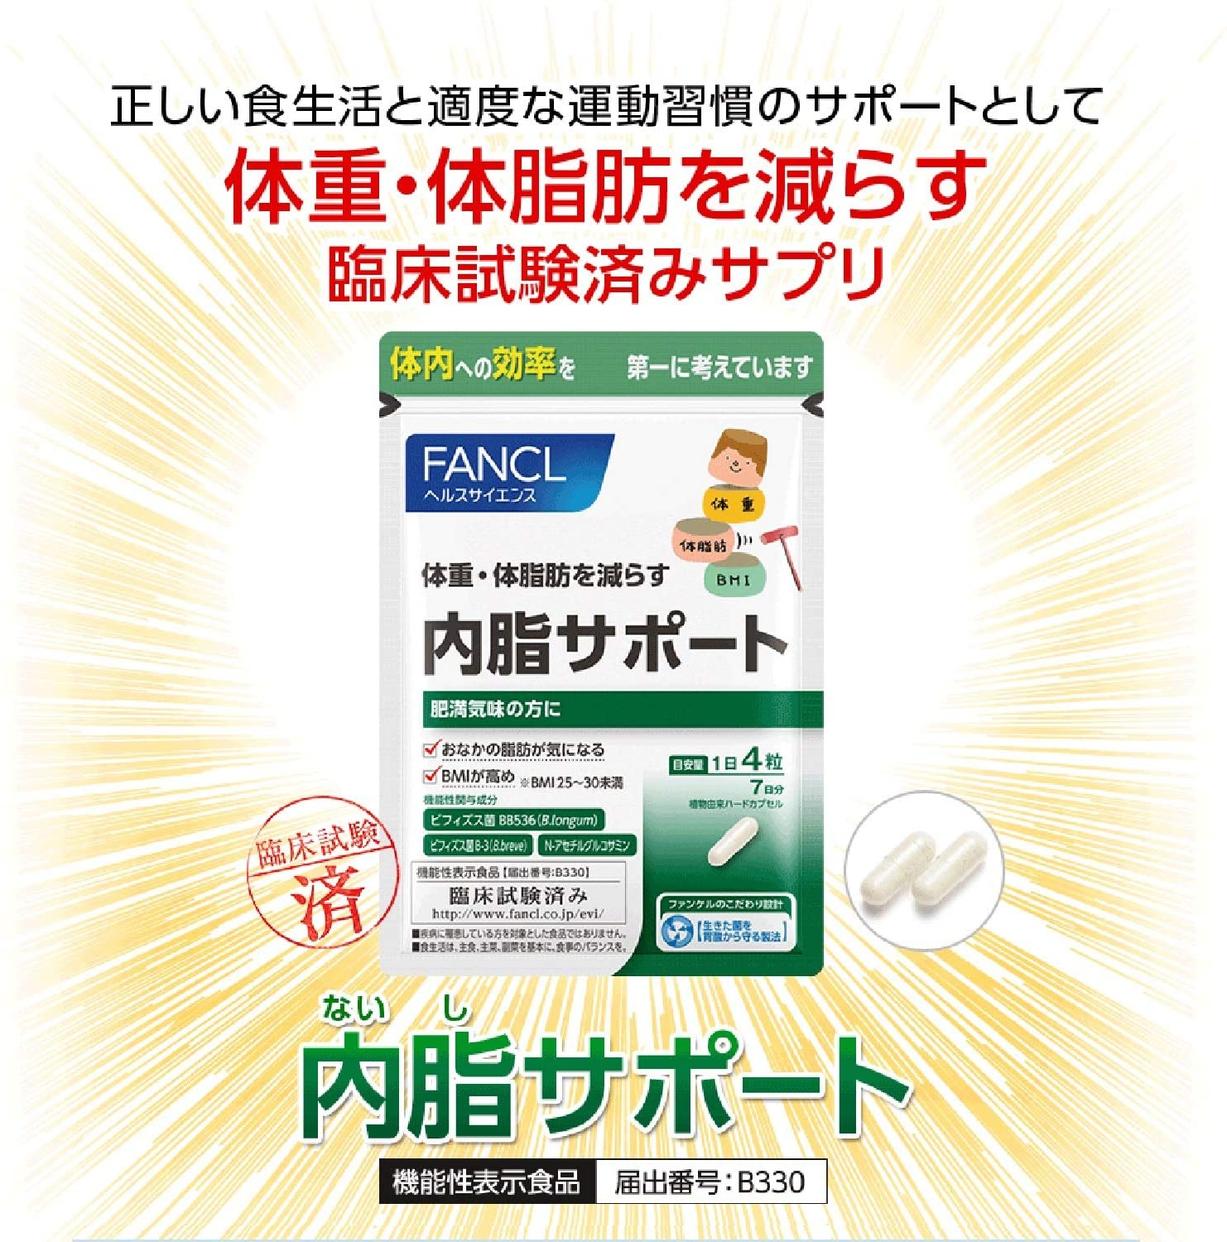 FANCL(ファンケル) 内脂サポートの商品画像3